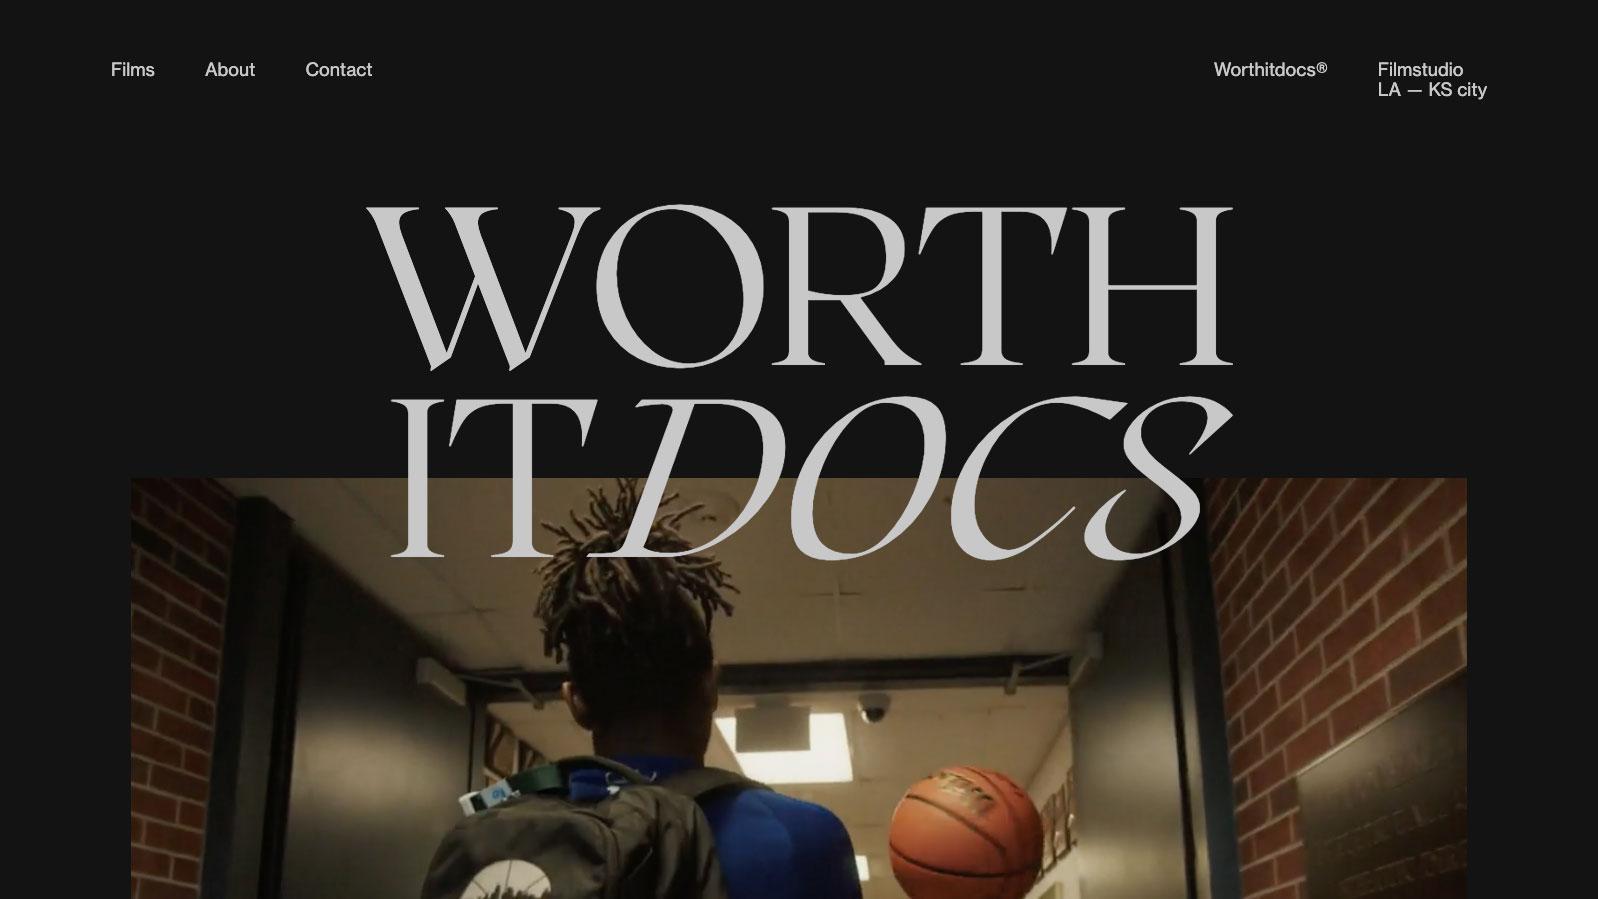 Worthitdocs